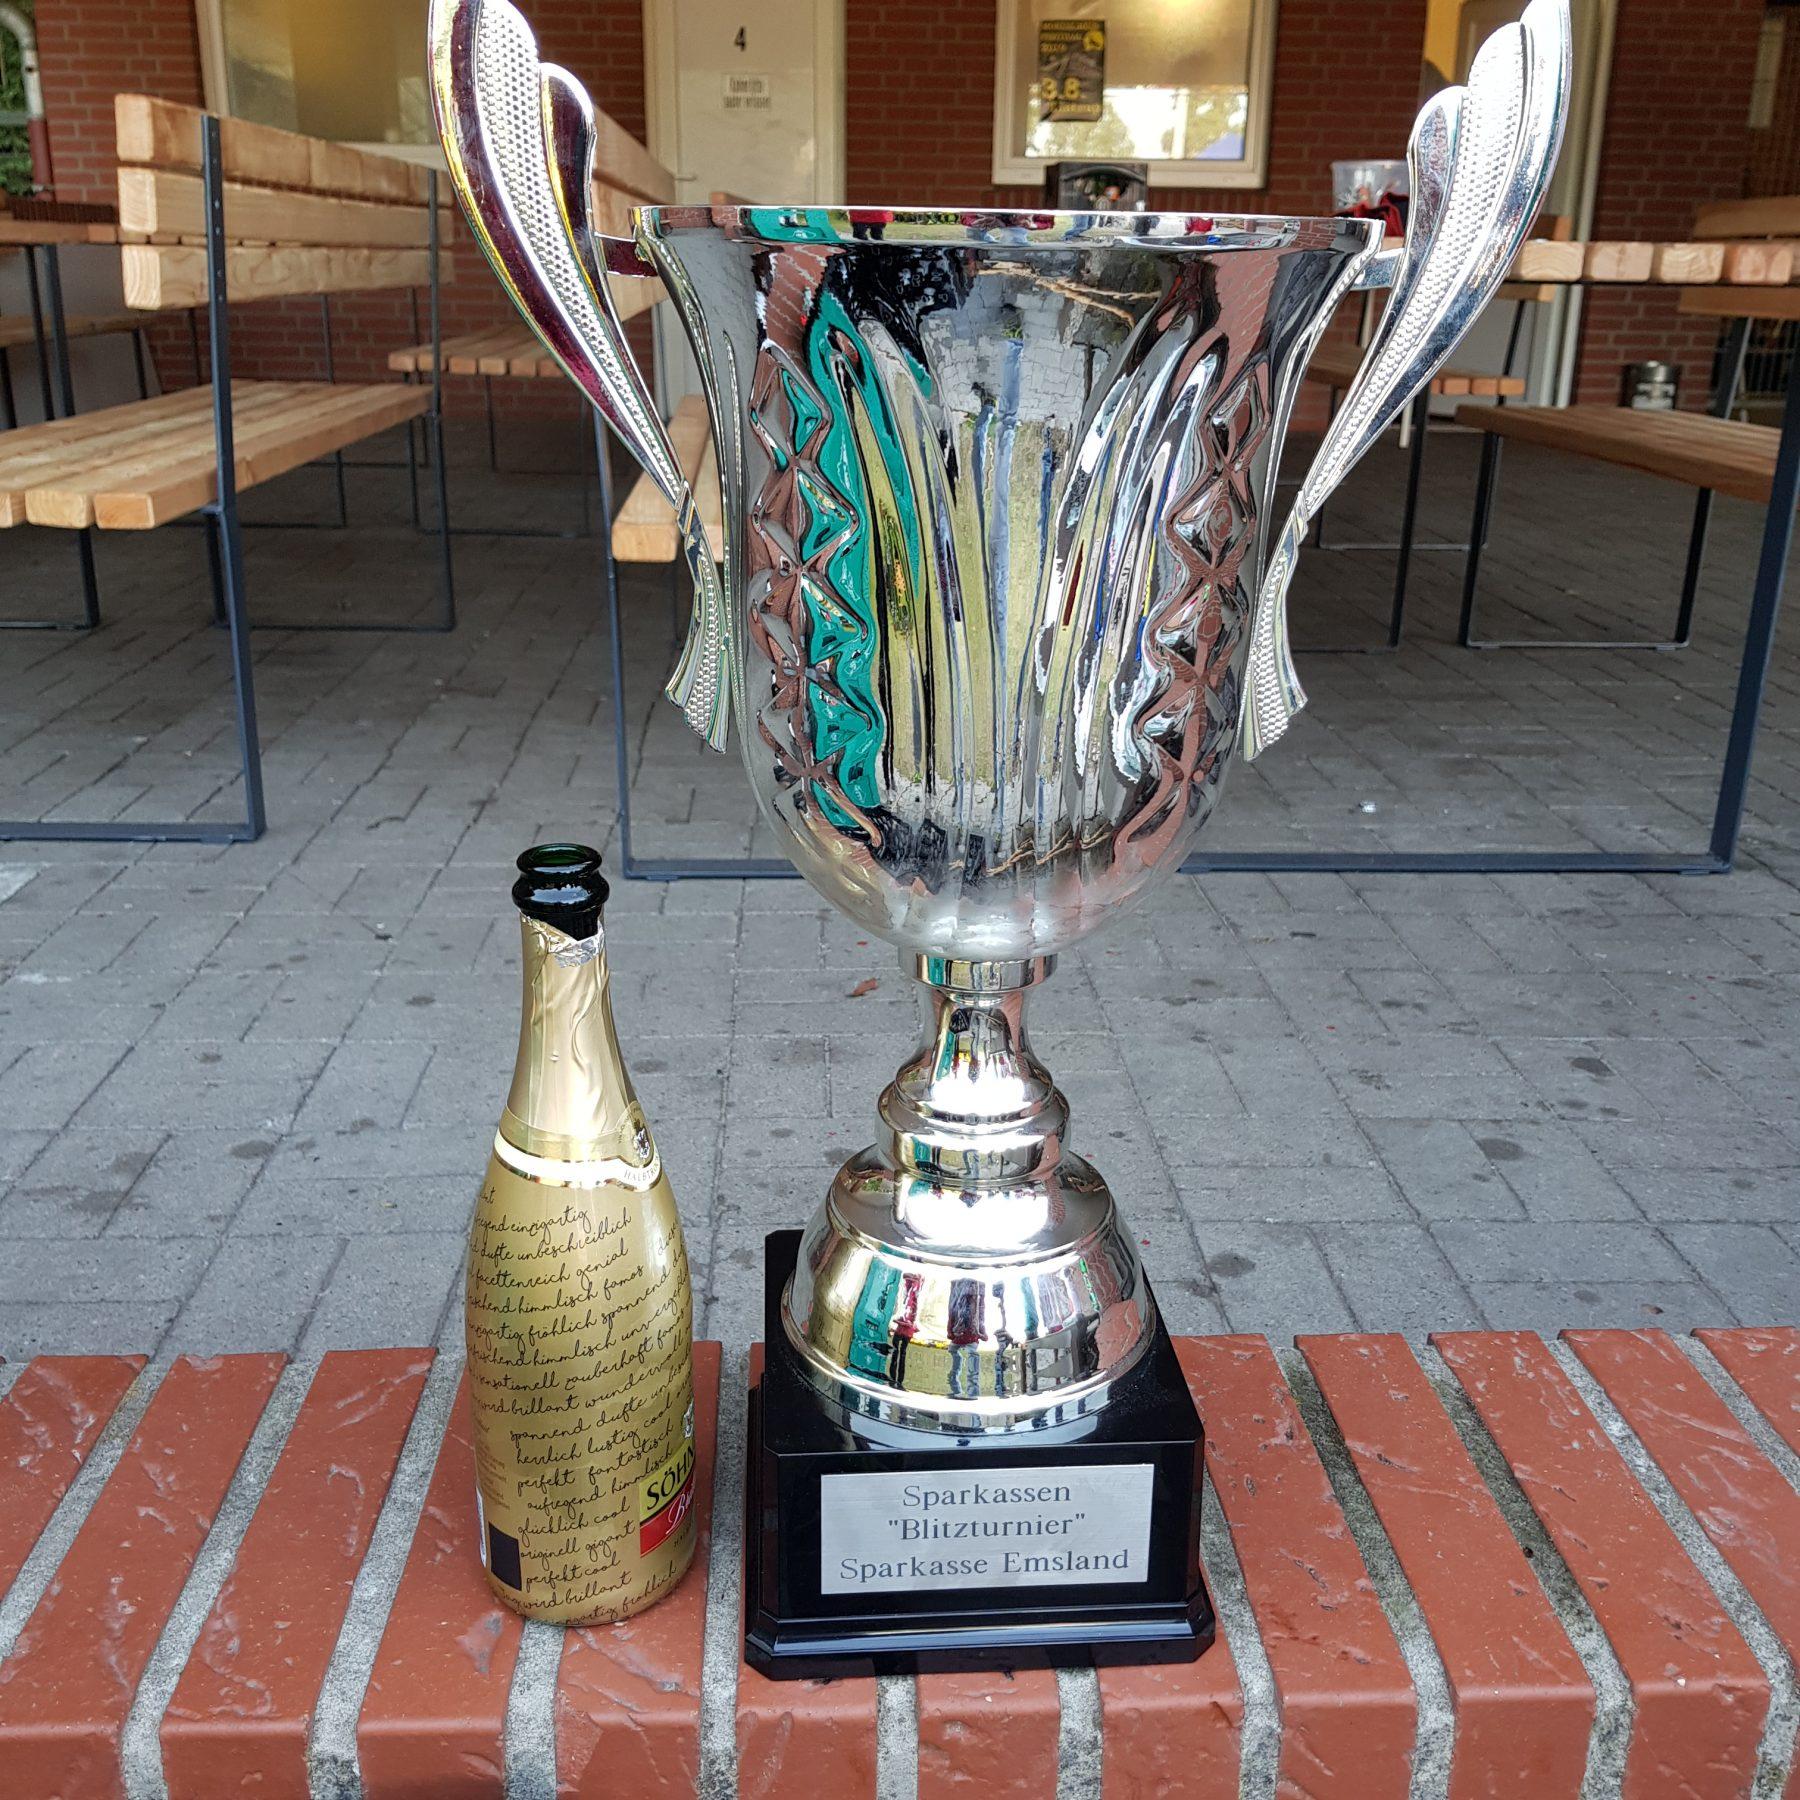 Erste Mannschaft Sieger beim ersten Sparkassen-Blitzturnier in Listrup